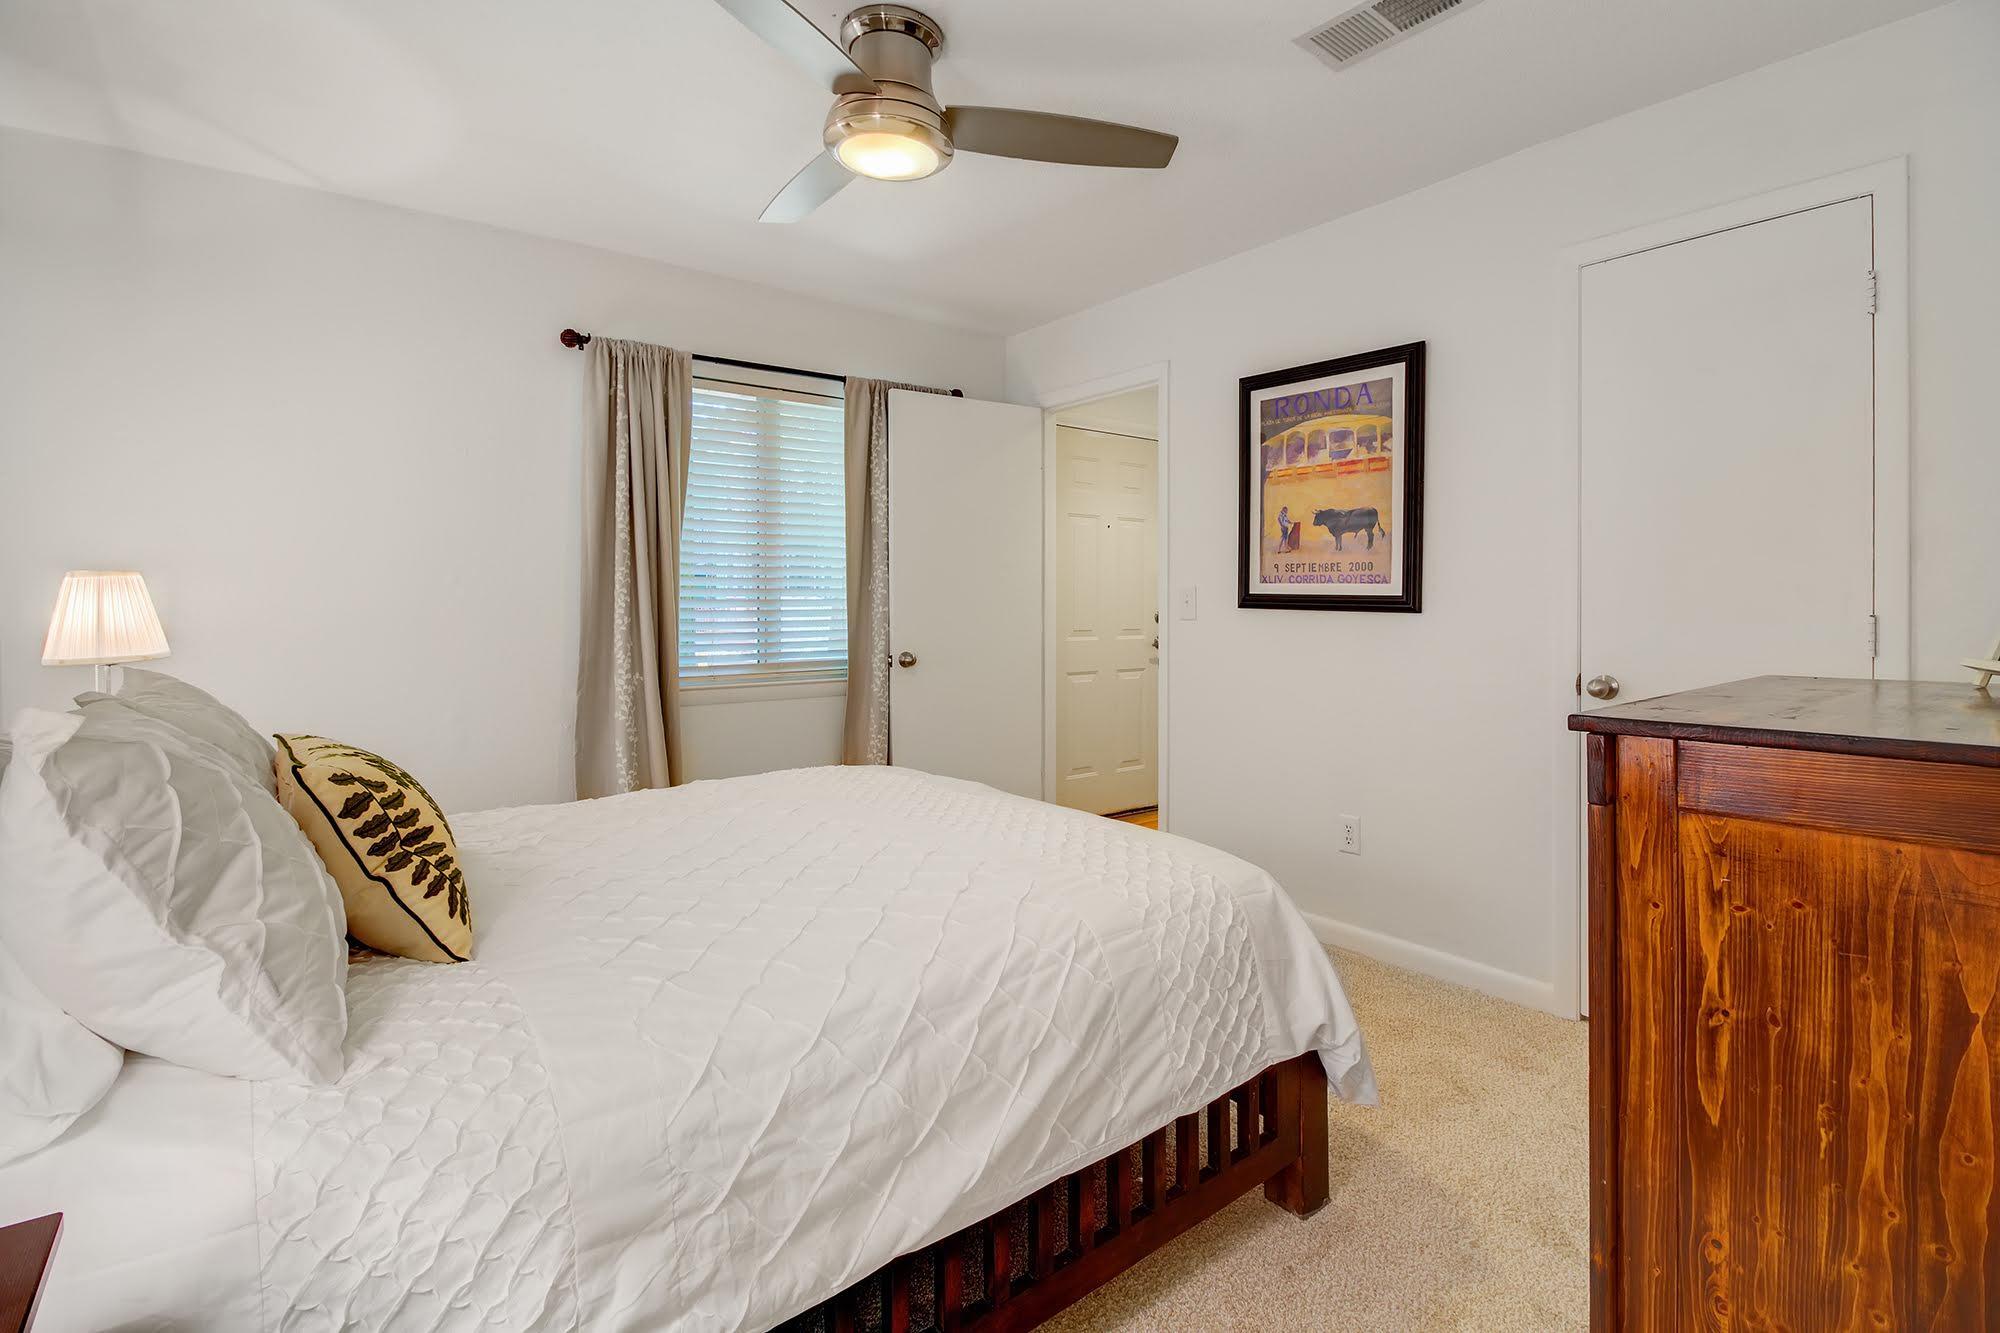 East Bridge Town Lofts Homes For Sale - 273 Alexandra, Mount Pleasant, SC - 9